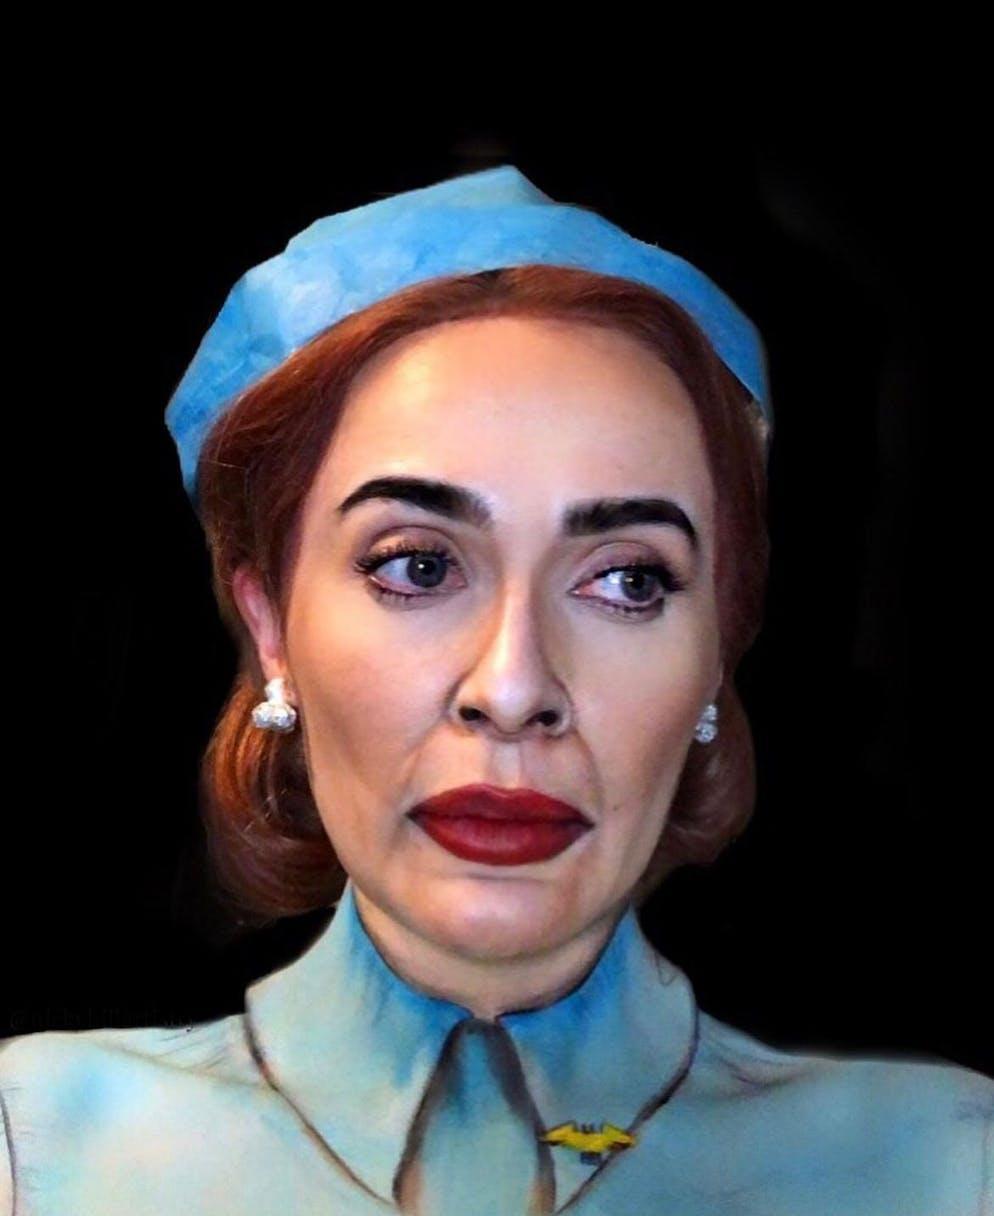 L'infirmière Ratched, également connue sous le nom de Mildred Ratched au cinéma et à la télévision et surnommée Big Nurse en version originale, est un personnage de fiction crée par Ken Kesey dans le roman Vol au-dessus d'un nid de coucou en 1962.